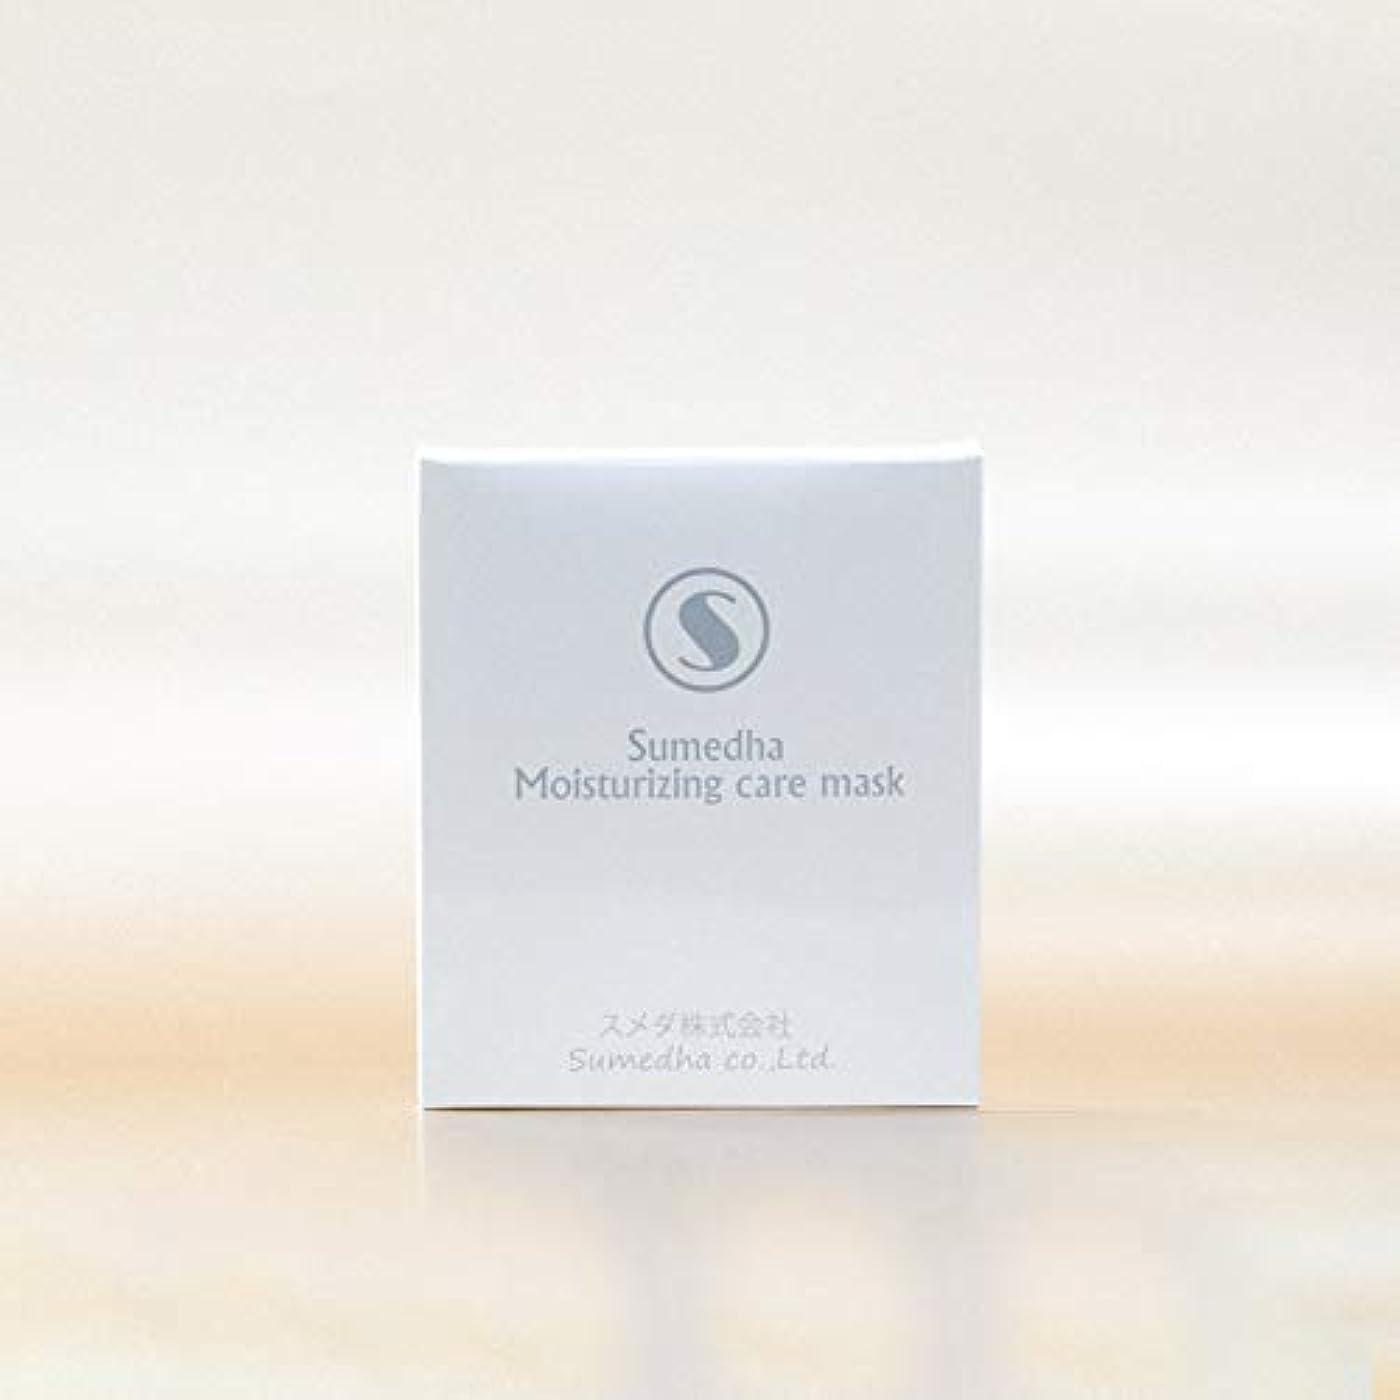 北へアパル取り替えるフェイスマスク Sumedha パック 保湿マスク 日本製 マスク フェイスパック 3枚入り 美白 美容 アンチセンシティブ 角質層修復 保湿 補水 敏感肌 発赤 アレルギー緩和 コーセー (超保湿)